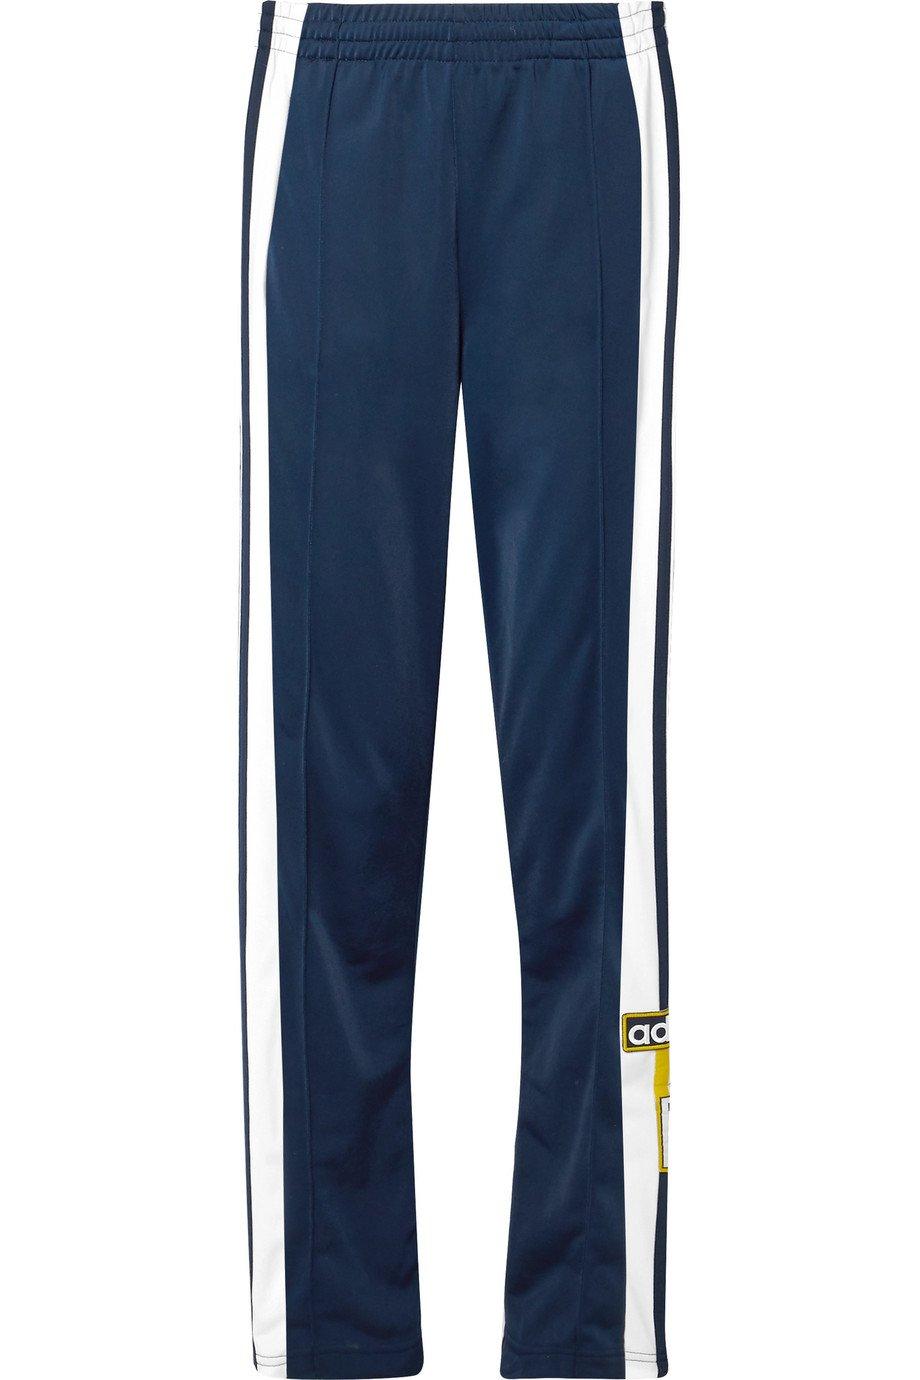 adidas Originals | Adibreak striped shell track pants | NET-A-PORTER.COM